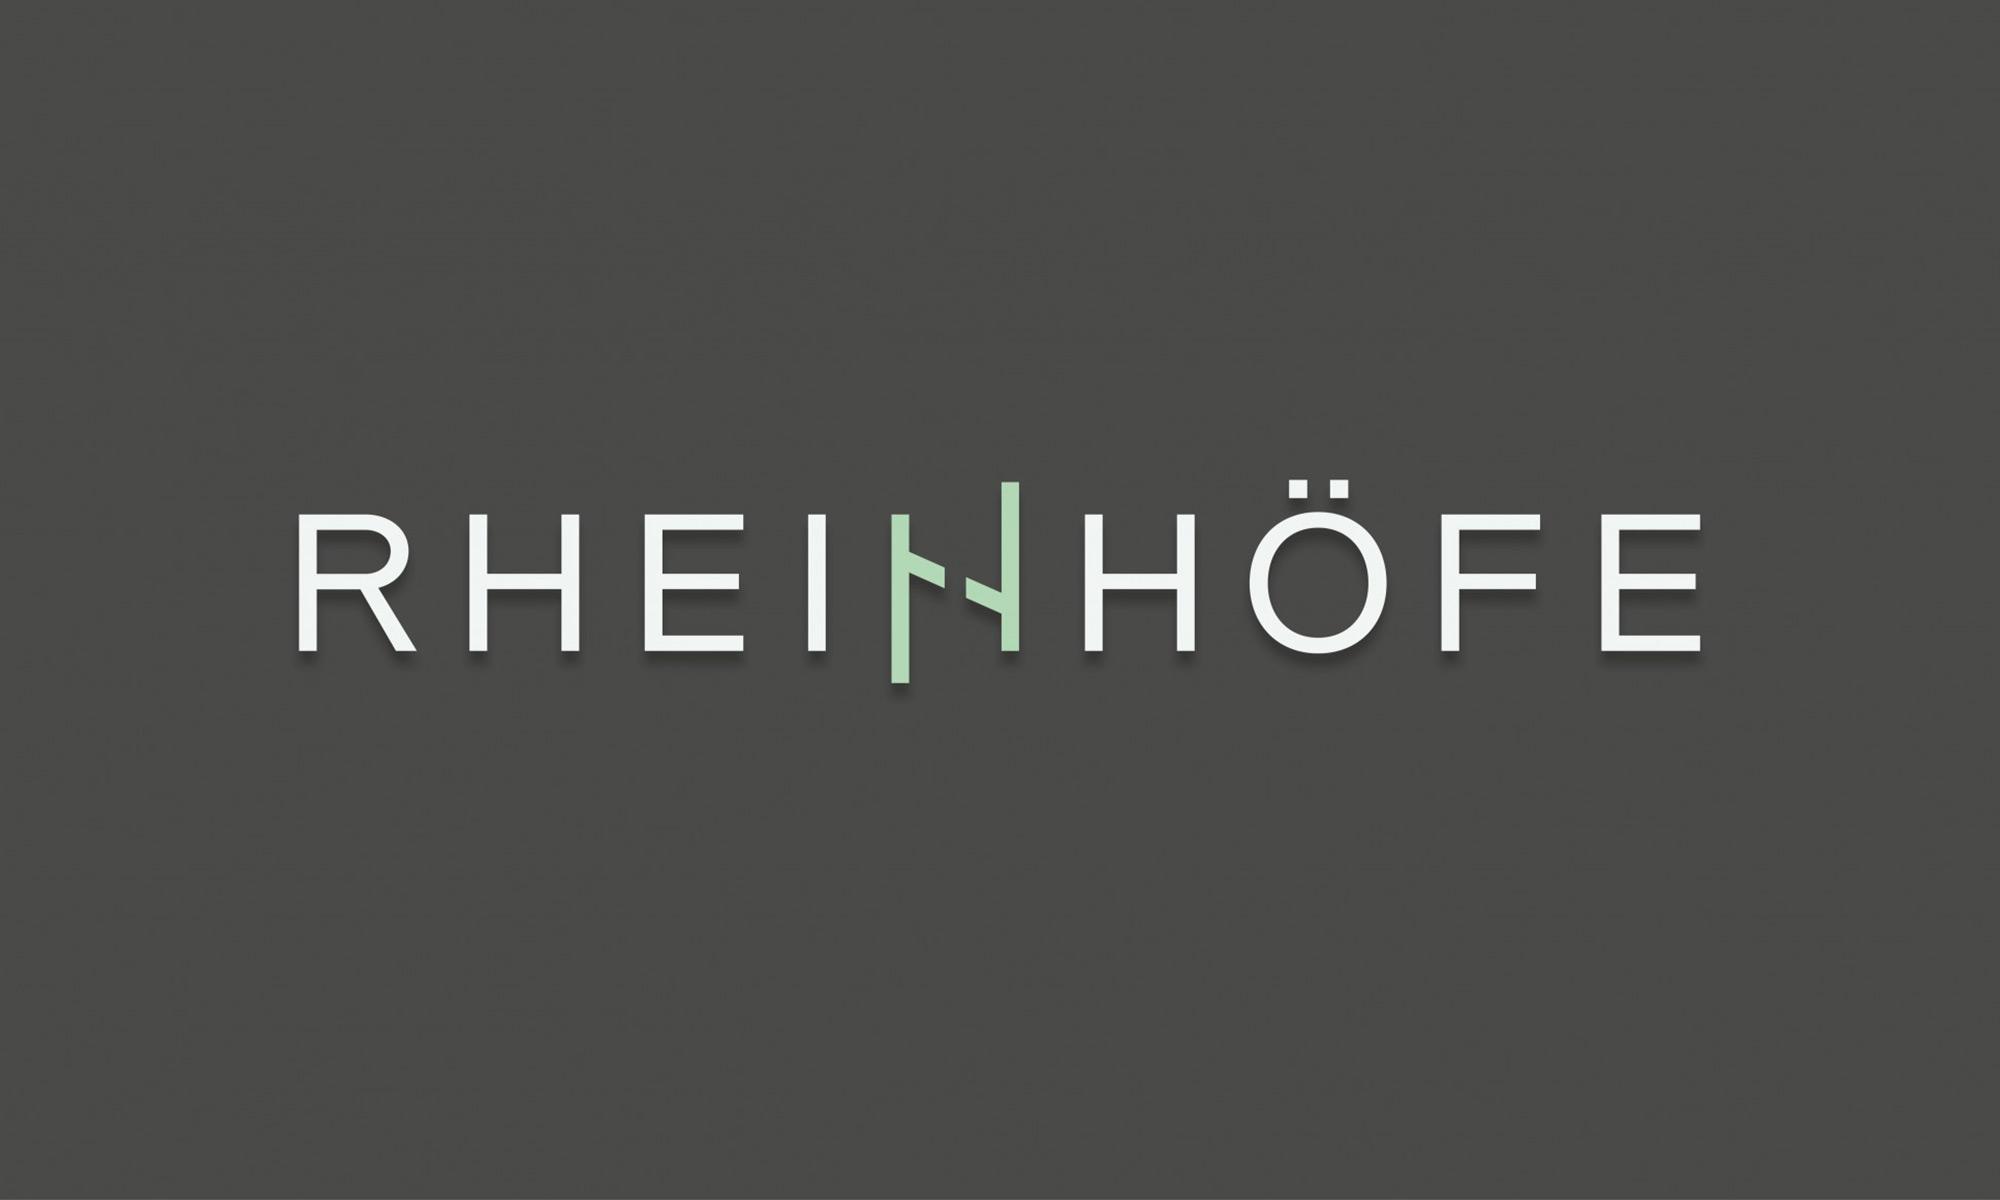 Rheinhöfe